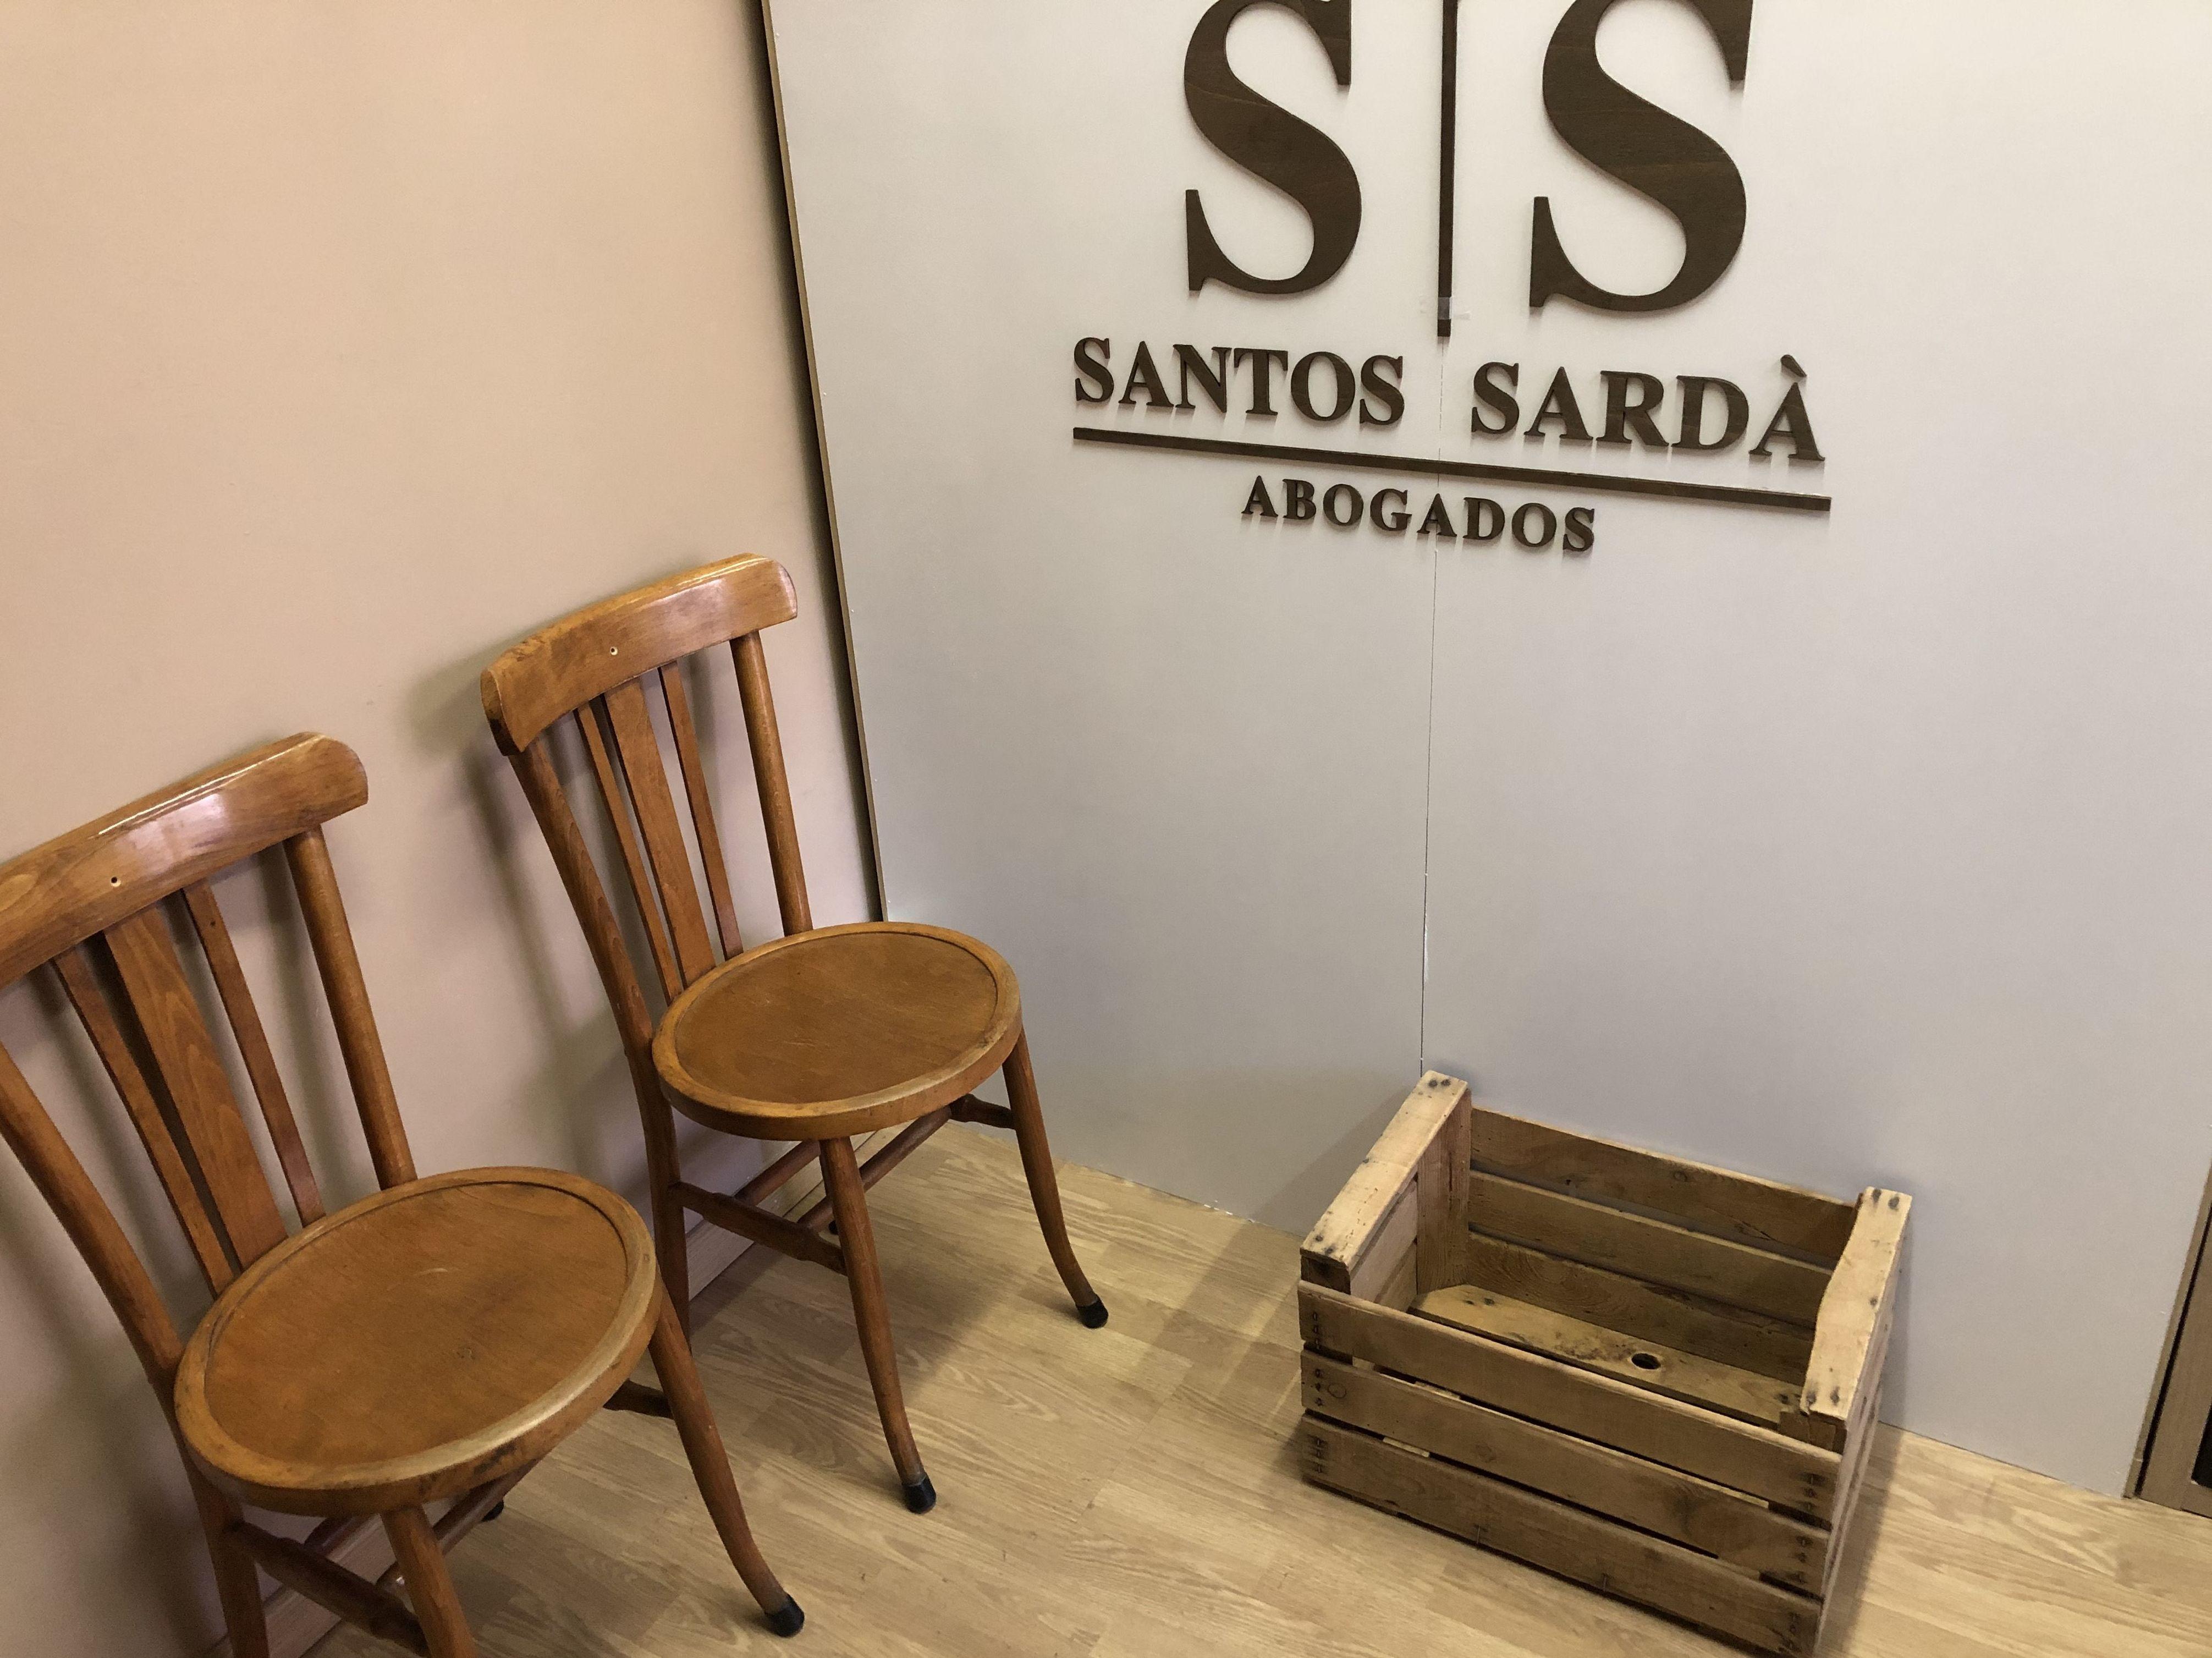 Foto 3 de Abogados en Barcelona | Santos & Sardà Abogados